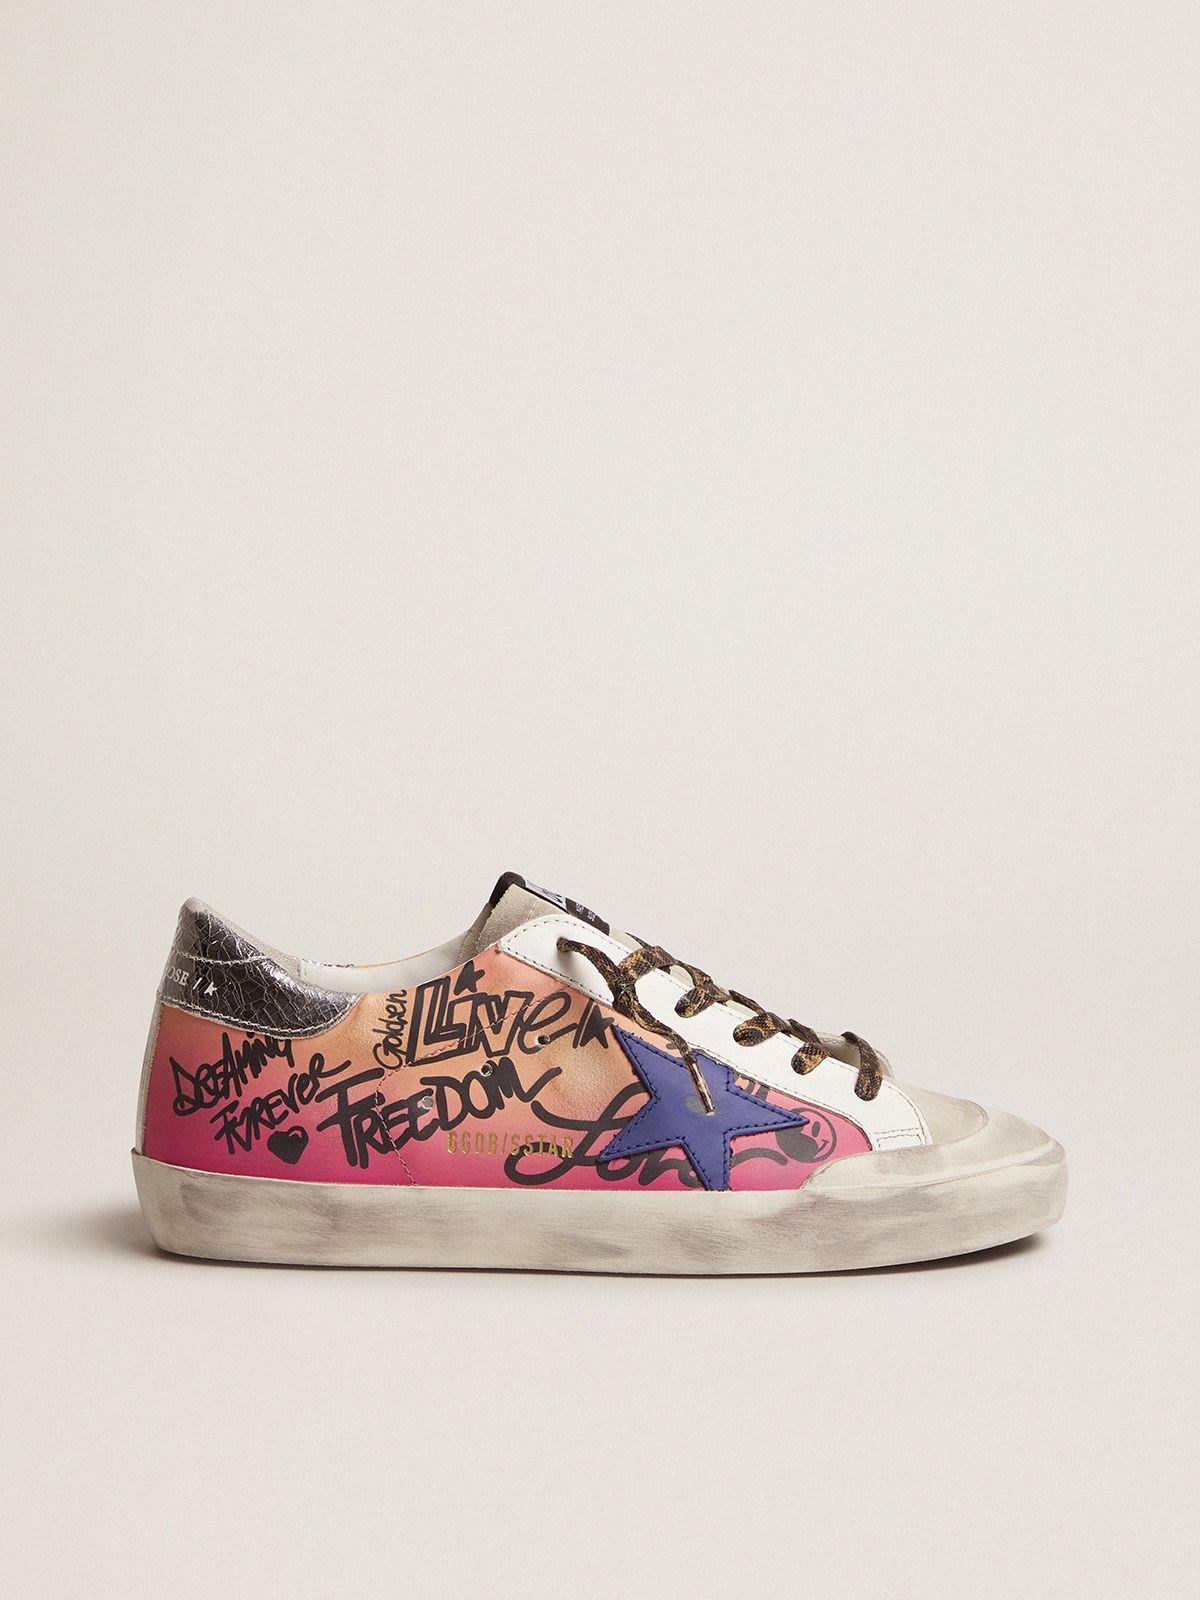 Golden Goose - Sneakers Super-Star colorazione pink degradè con talloncino in pelle crack silver metallizzato in